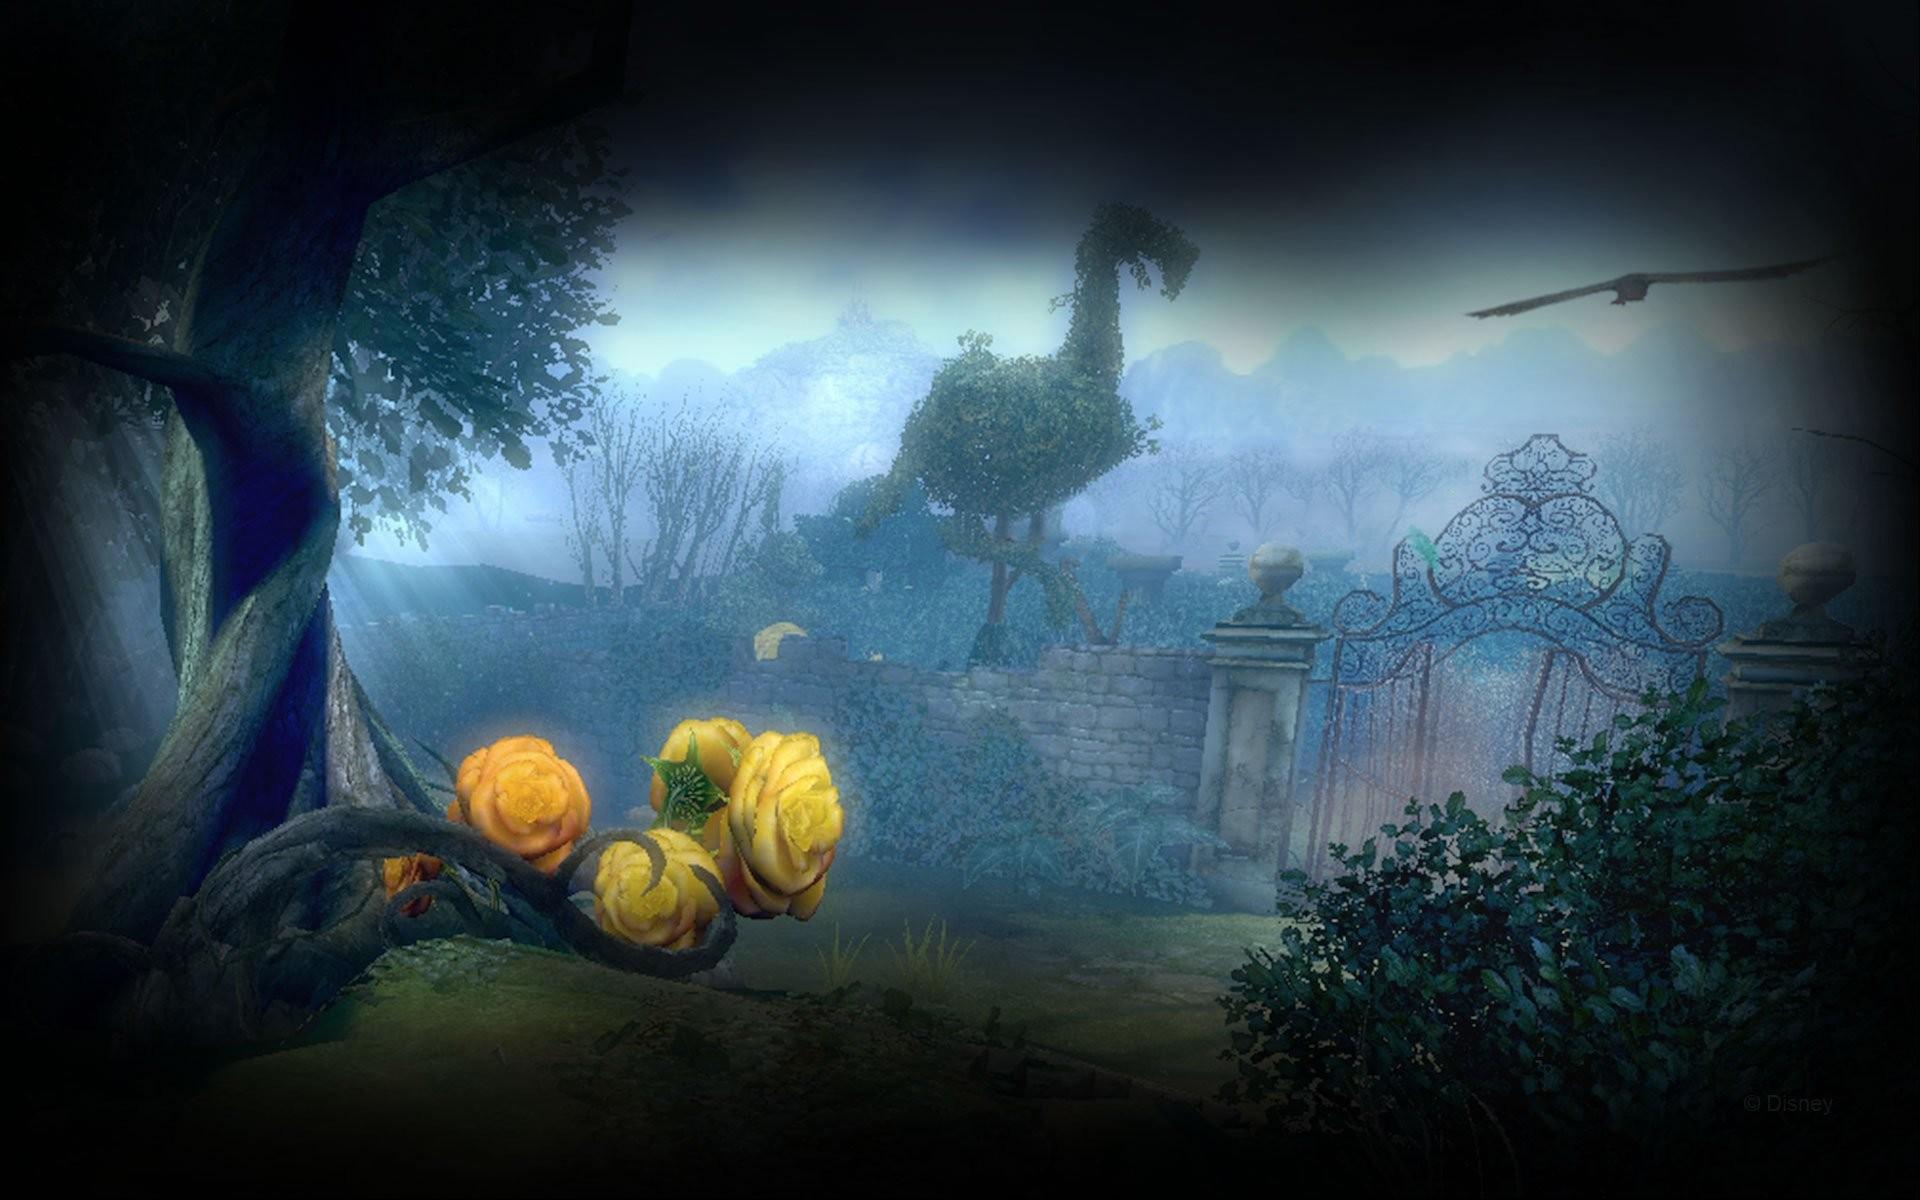 Alice In Wonderland Background Download Free Stunning Hd